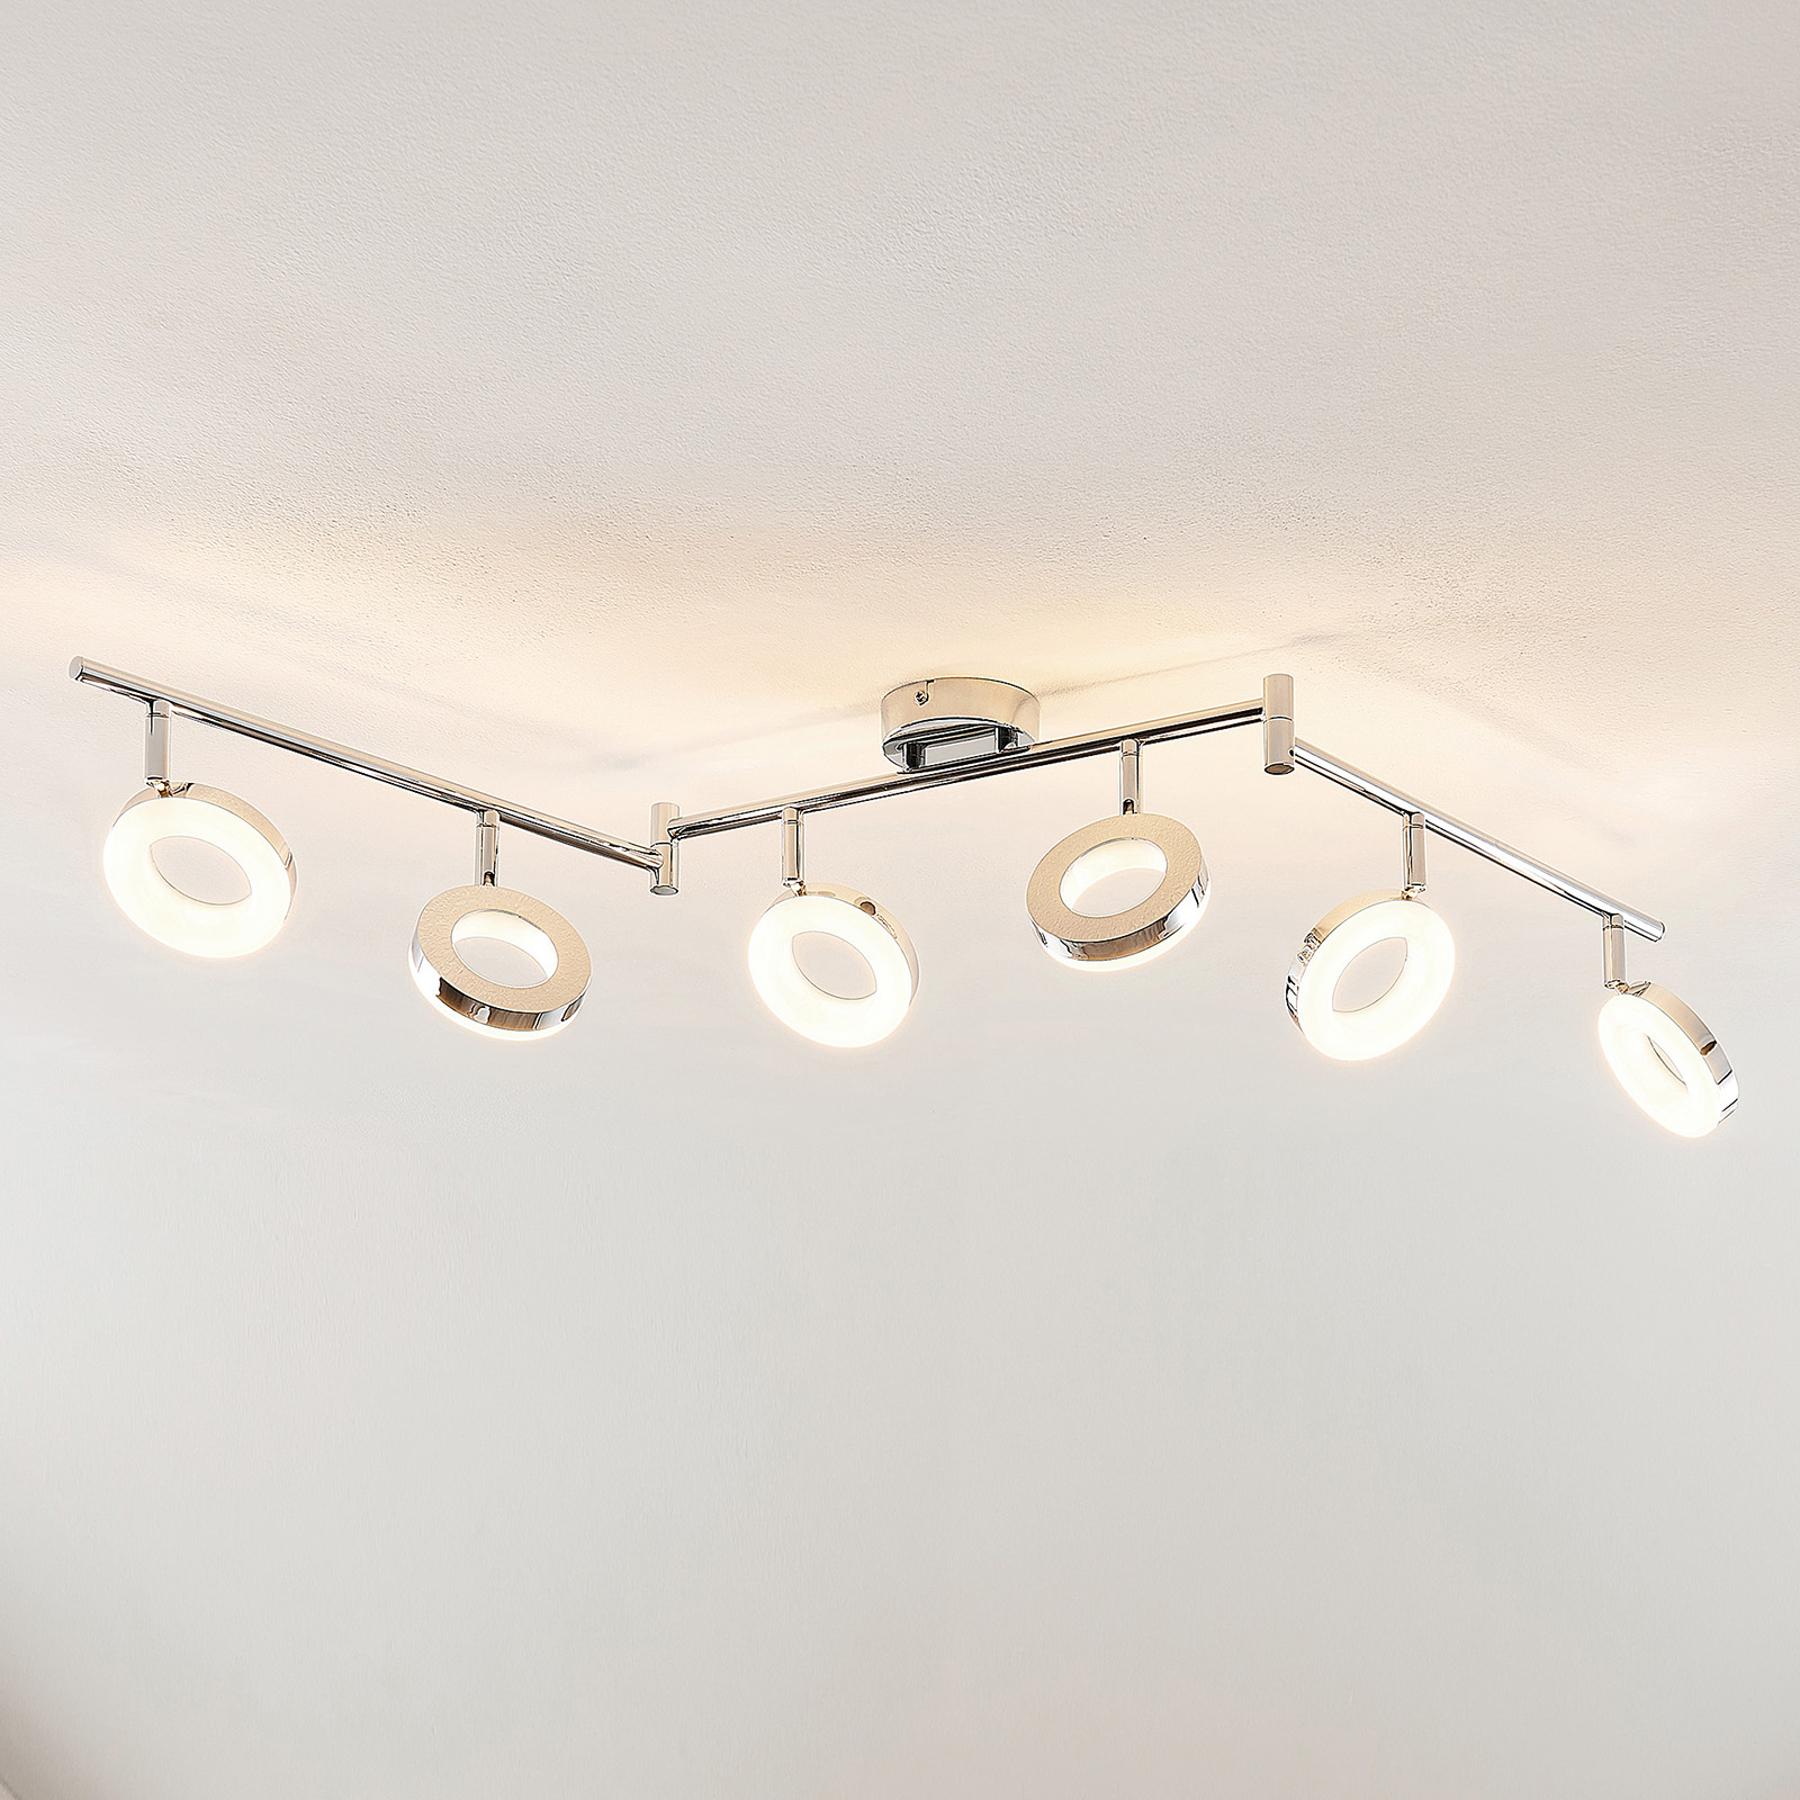 ELC Tioklia -LED-kattovalo, kromia, 6-lamppuinen